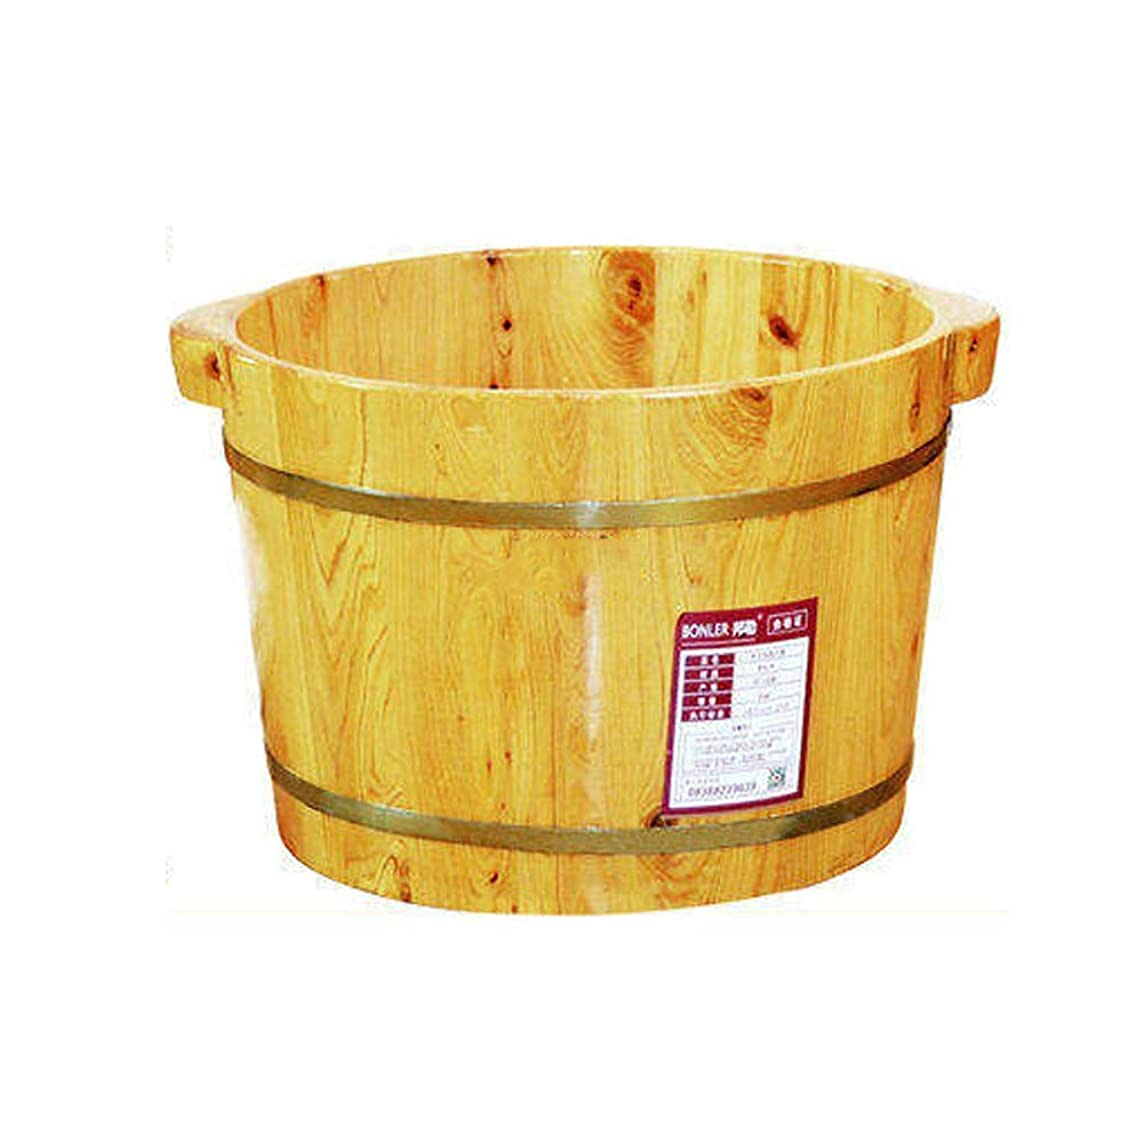 誰ふざけたチャレンジCHY ウッドフットソークバスタブ、 ペディキュアスパ盆地 フットバスバケットおよびソーカーボウル26cm 疲れて痛い足を浸す (Color : Wood color)